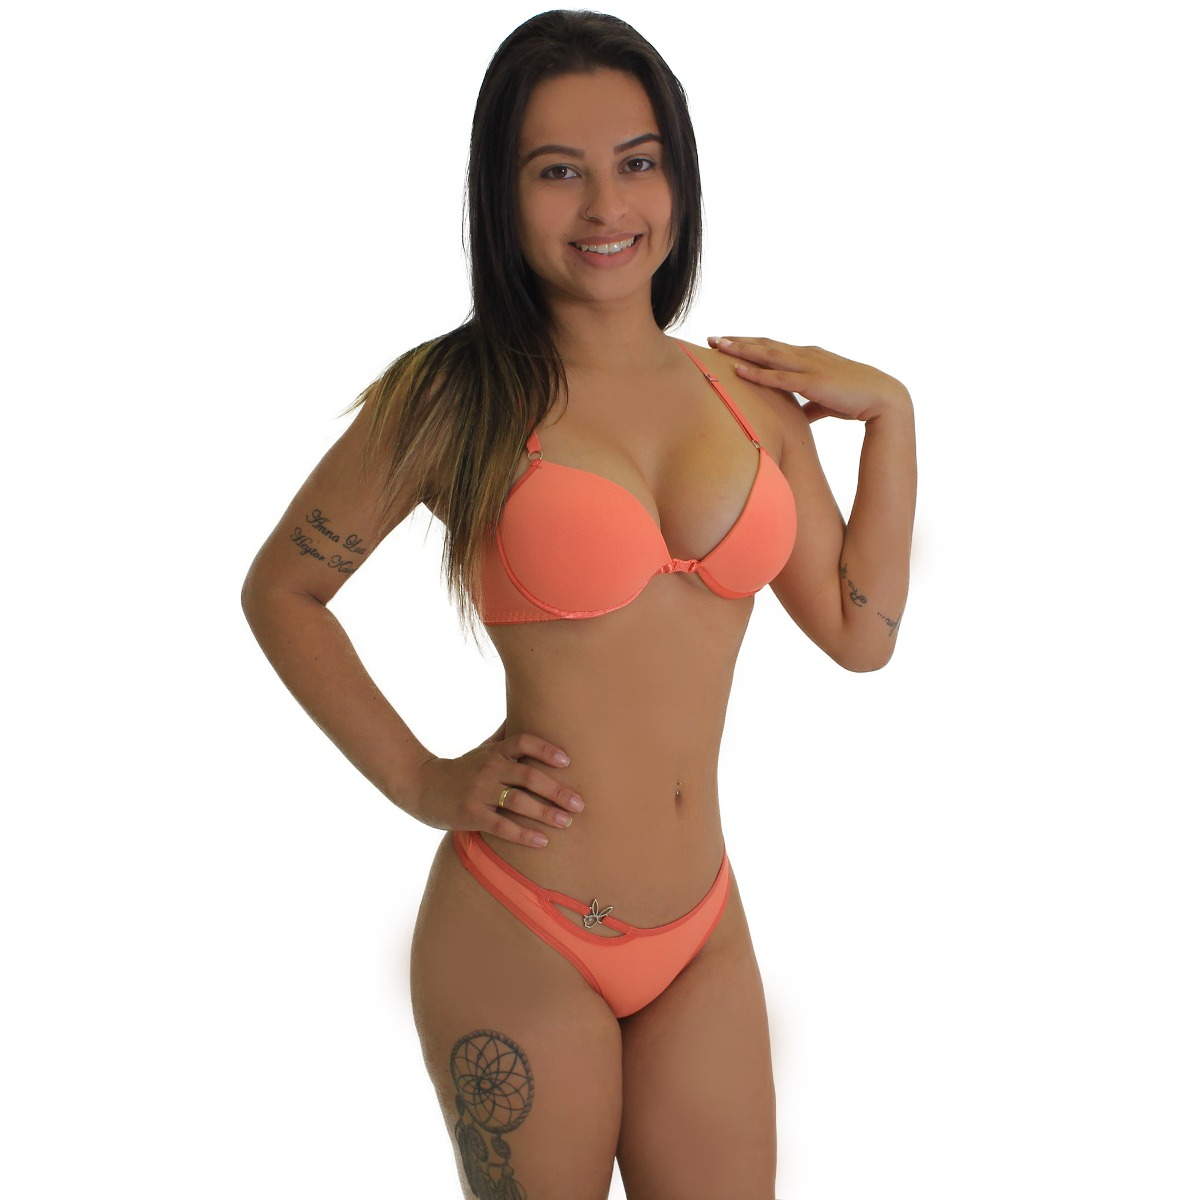 kit 5 conjunto playboy lingerie sutiã calcinha moda feminina. Carregando  zoom. b4f3ff4a449